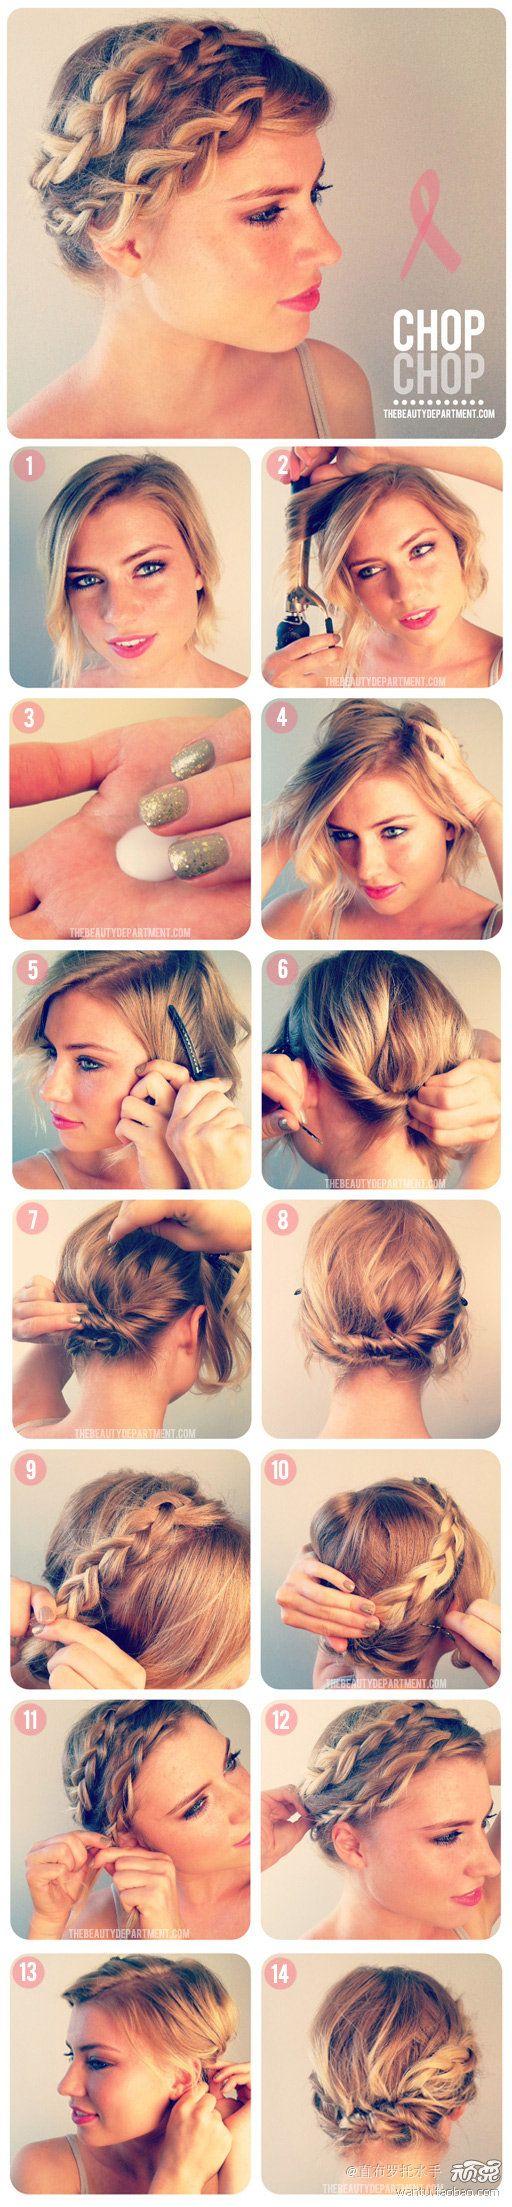 Quem tem o cabelo curtinho também tem um jeitinho para se jogar nas tranças! #diy #hair #hairstyle #braid